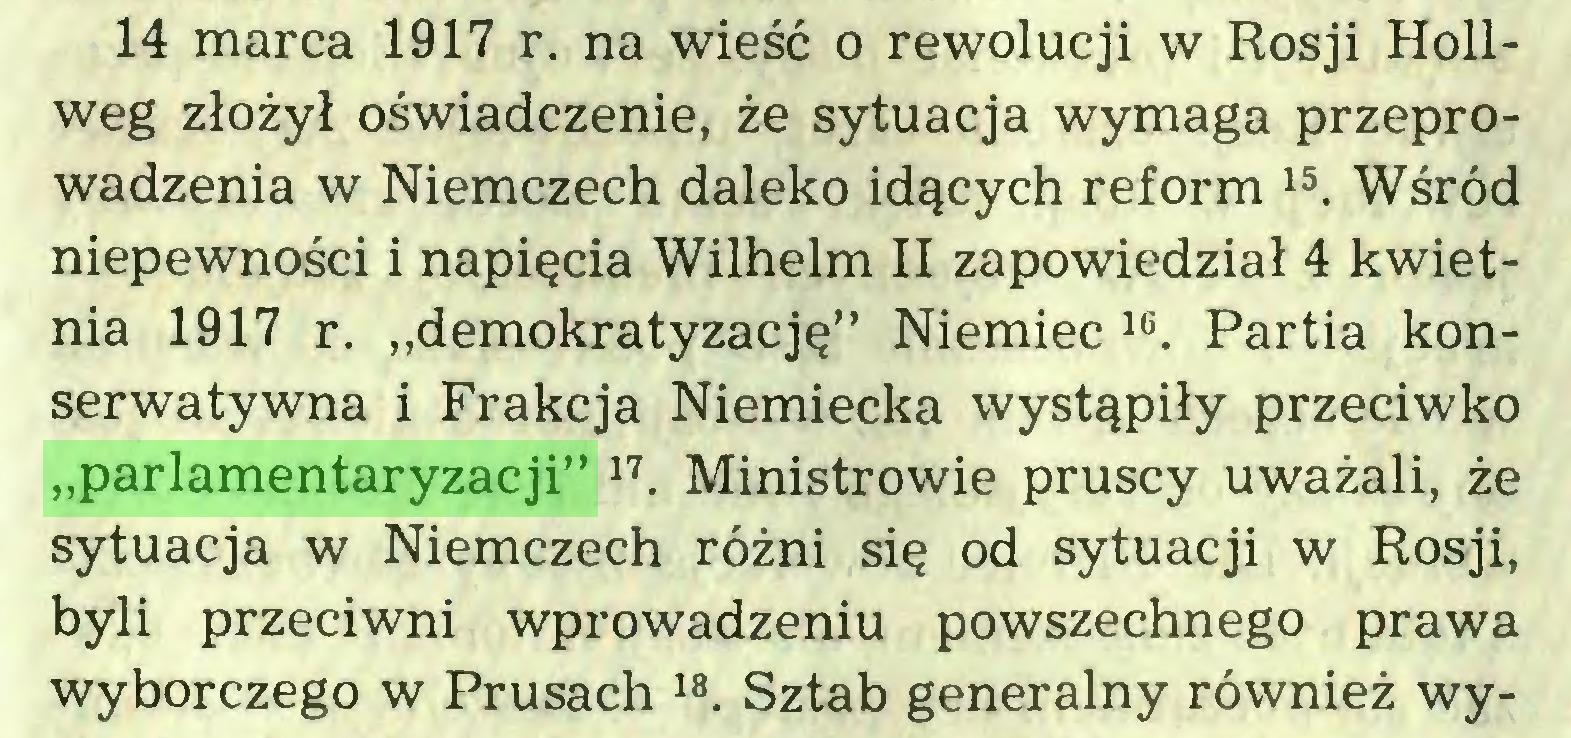 """(...) 14 marca 1917 r. na wieść o rewolucji w Rosji Hollweg złożył oświadczenie, że sytuacja wymaga przeprowadzenia w Niemczech daleko idących reform 15. Wśród niepewności i napięcia Wilhelm II zapowiedział 4 kwietnia 1917 r. """"demokratyzację"""" Niemiec 16. Partia konserwatywna i Frakcja Niemiecka wystąpiły przeciwko """"parlamentaryzacji"""" 17. Ministrowie pruscy uważali, że sytuacja w Niemczech różni się od sytuacji w Rosji, byli przeciwni wprowadzeniu powszechnego prawa wyborczego w Prusach 18. Sztab generalny również wy..."""